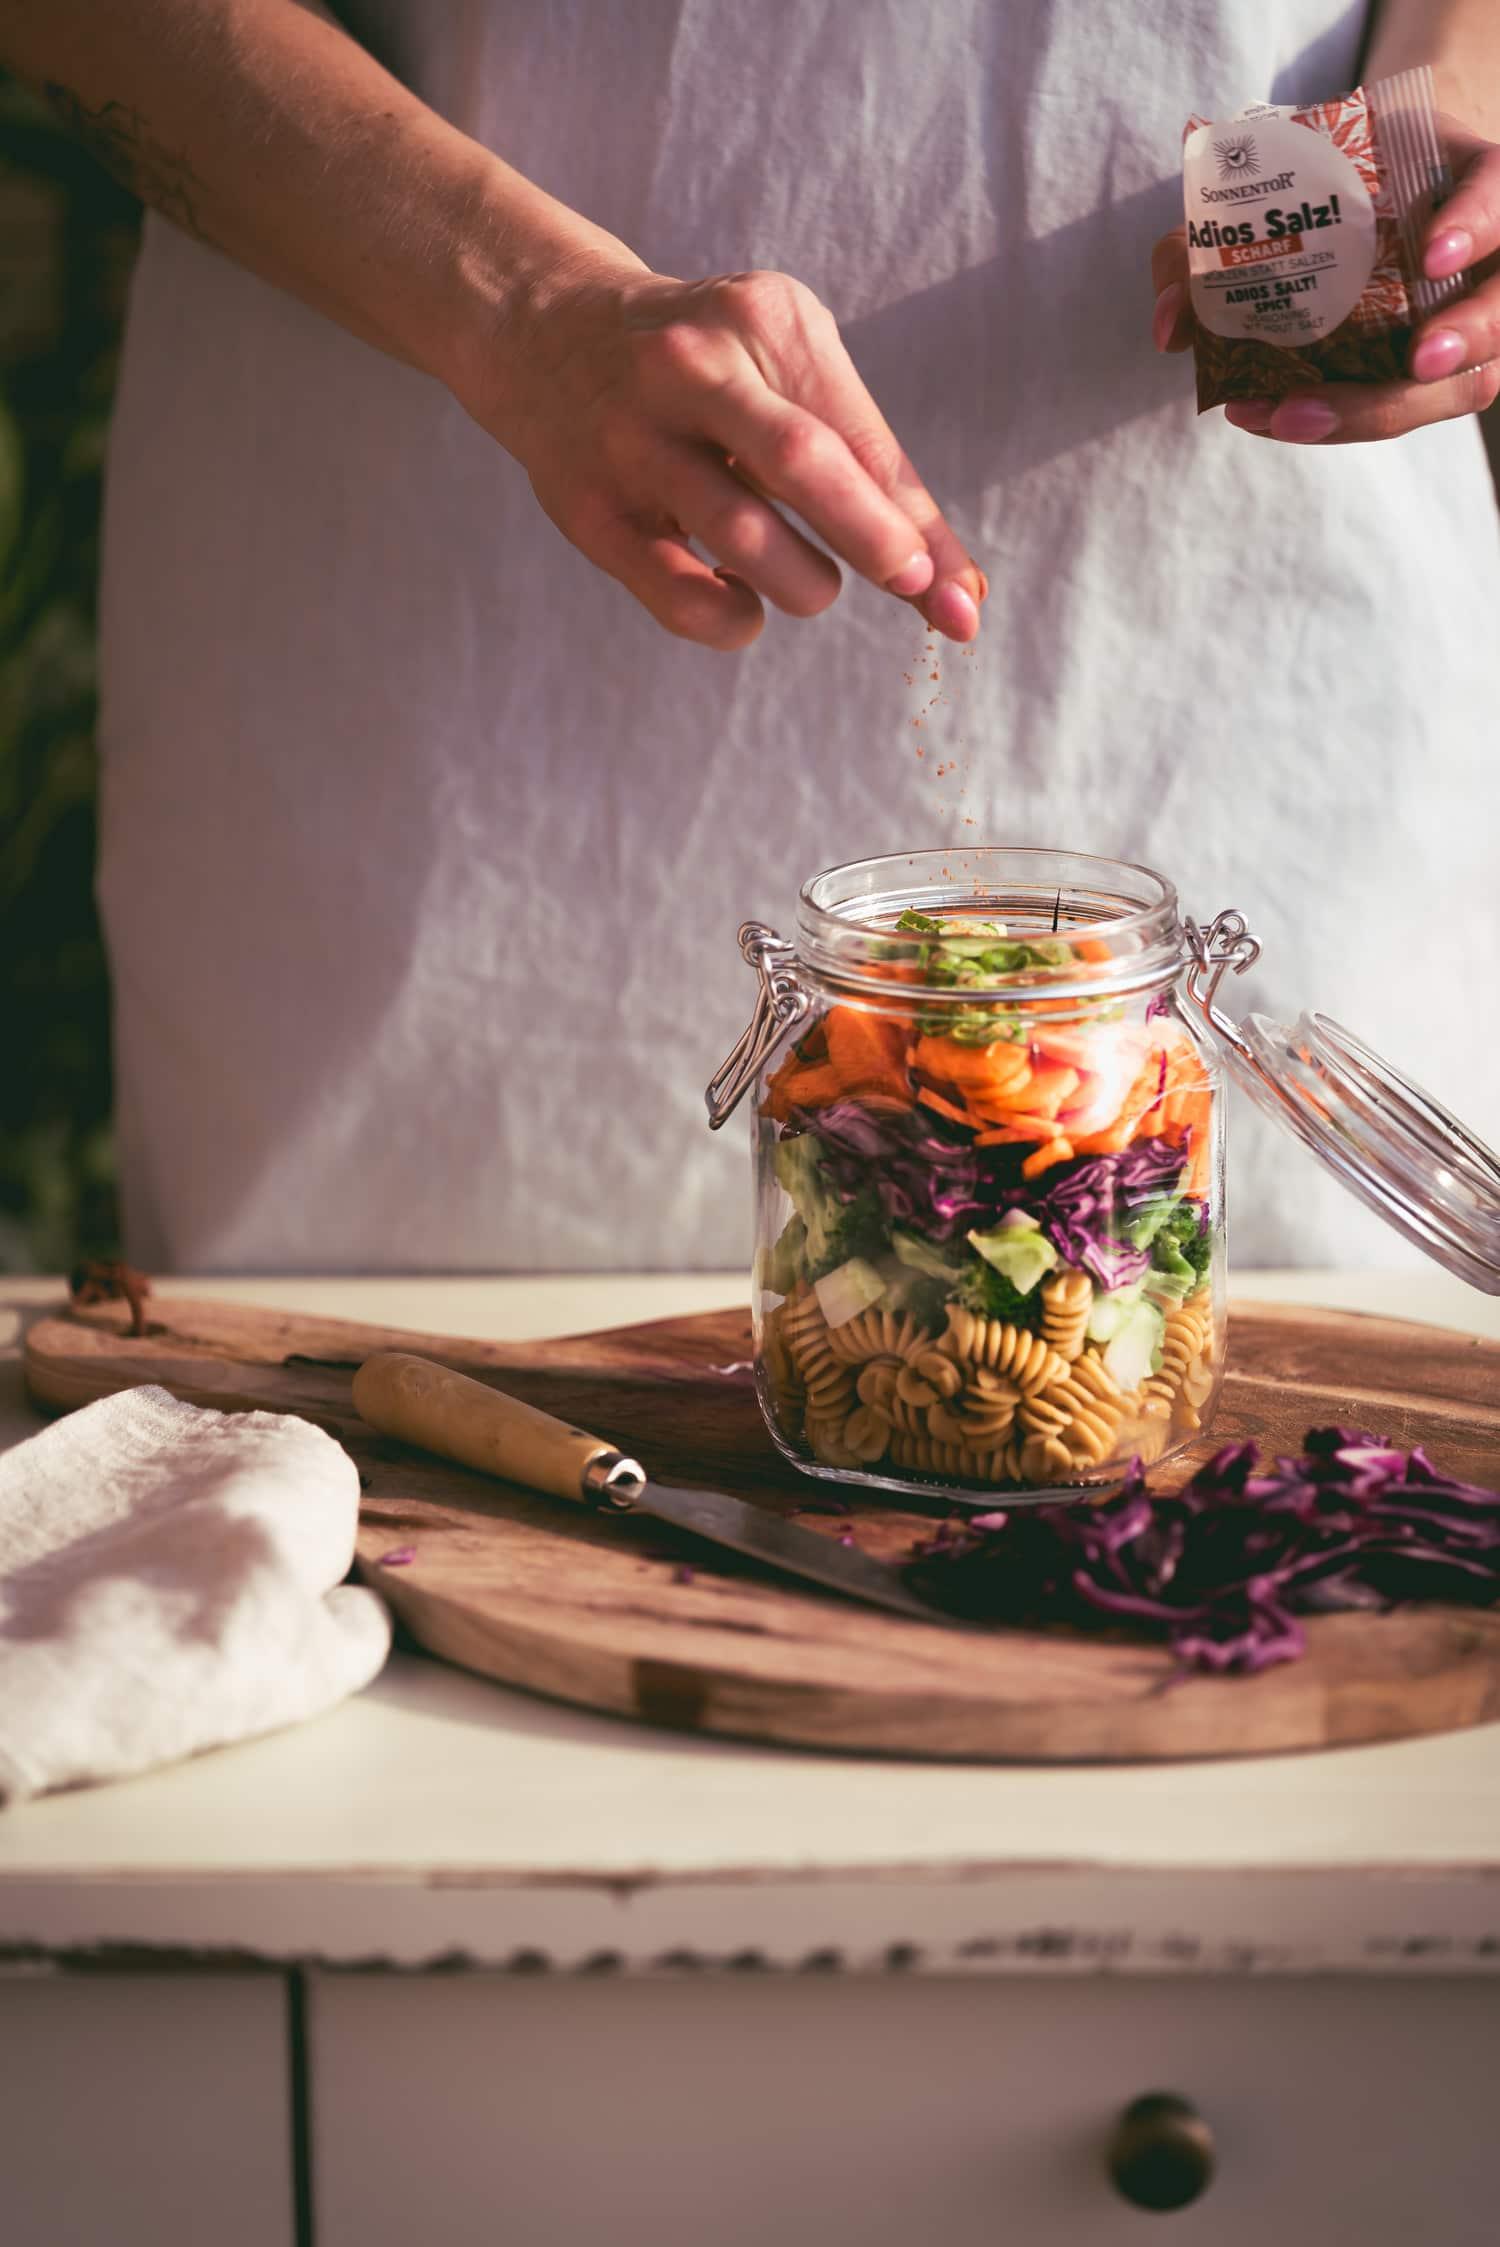 Veganer Nudelsalat im Glas zum mitnehmen mit Gewürzmischung